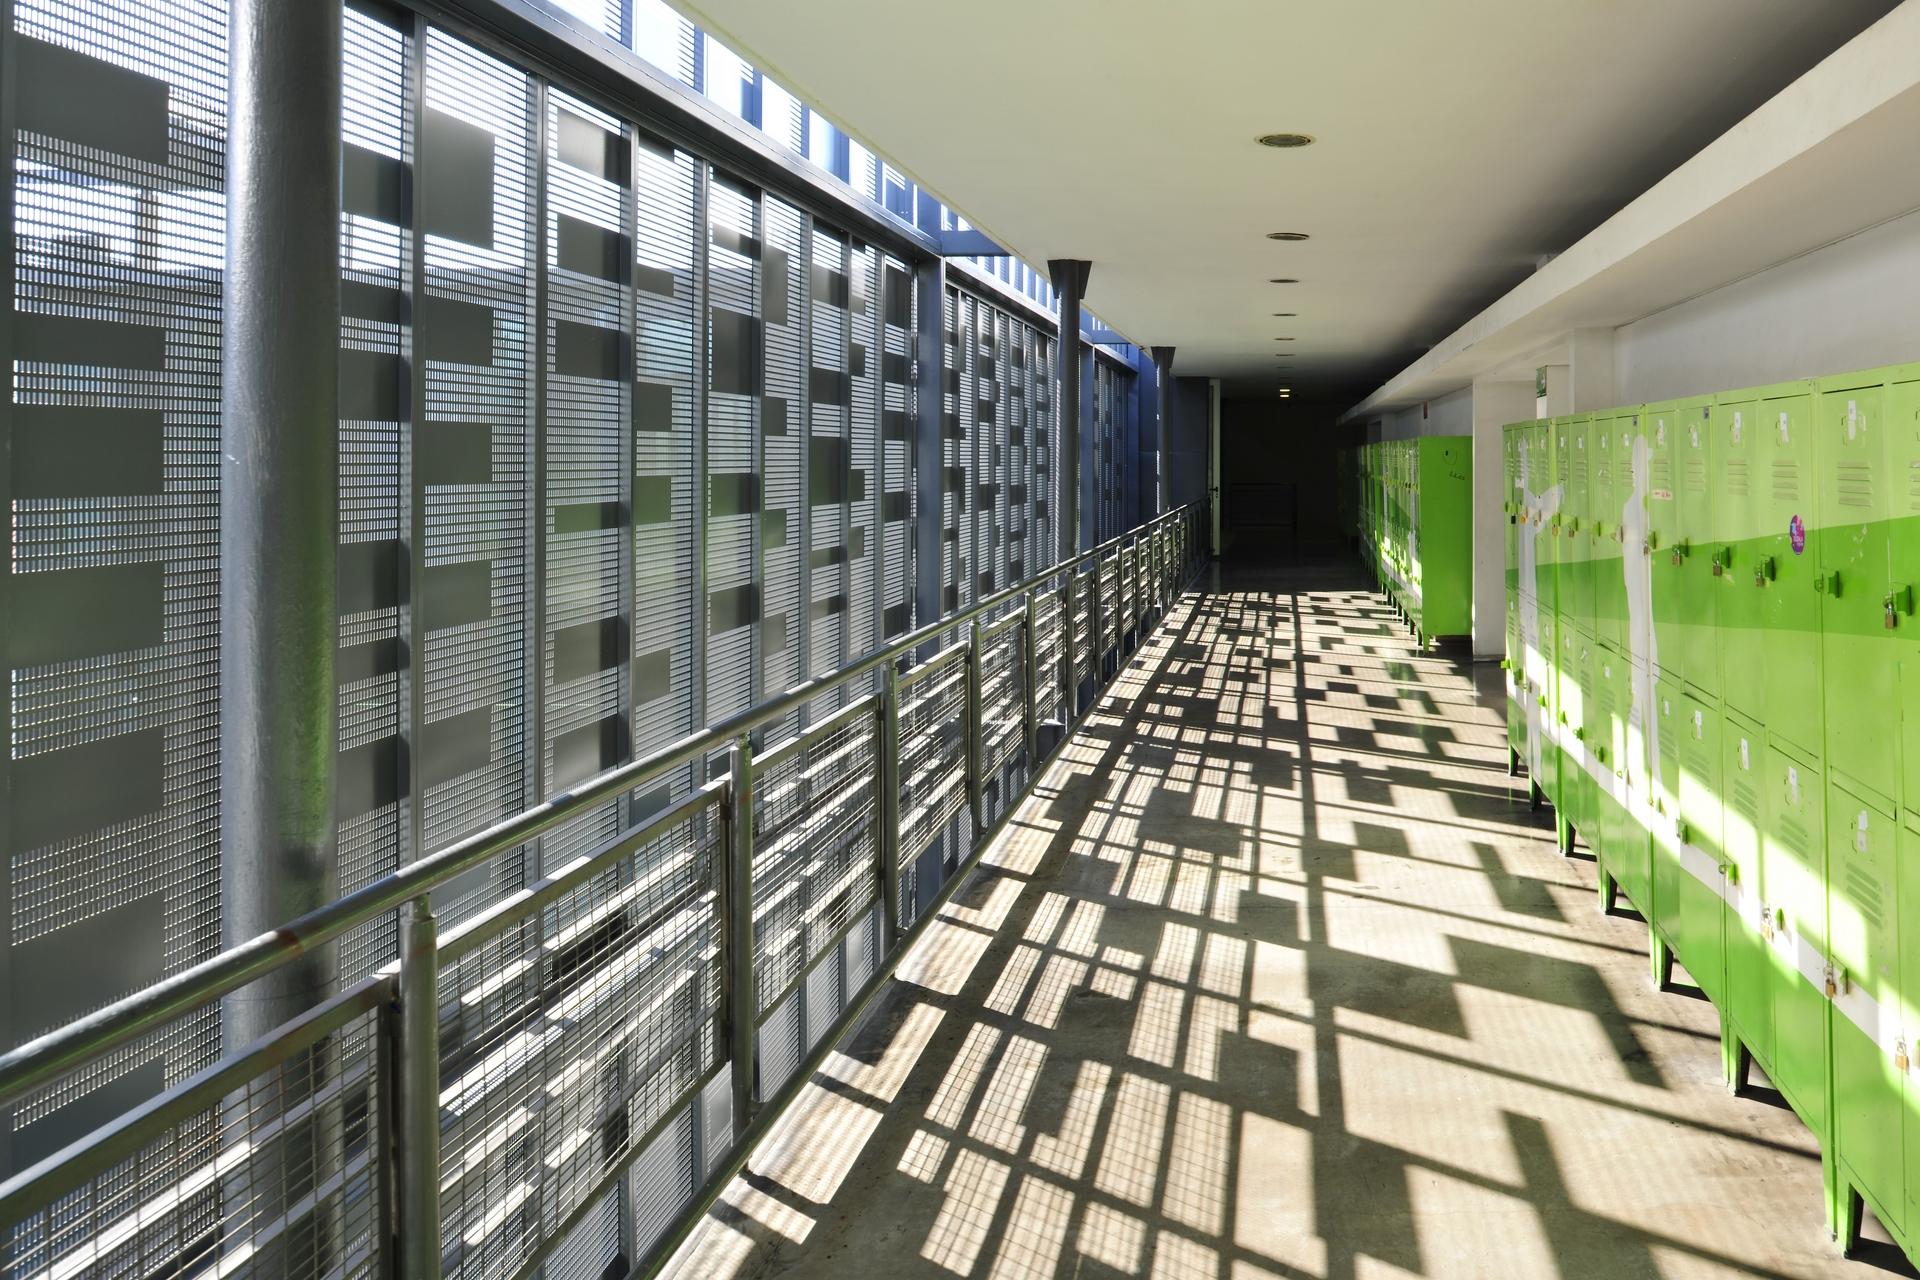 Universidad diego portales facultad de arquitectura for Facultad de arquitectura